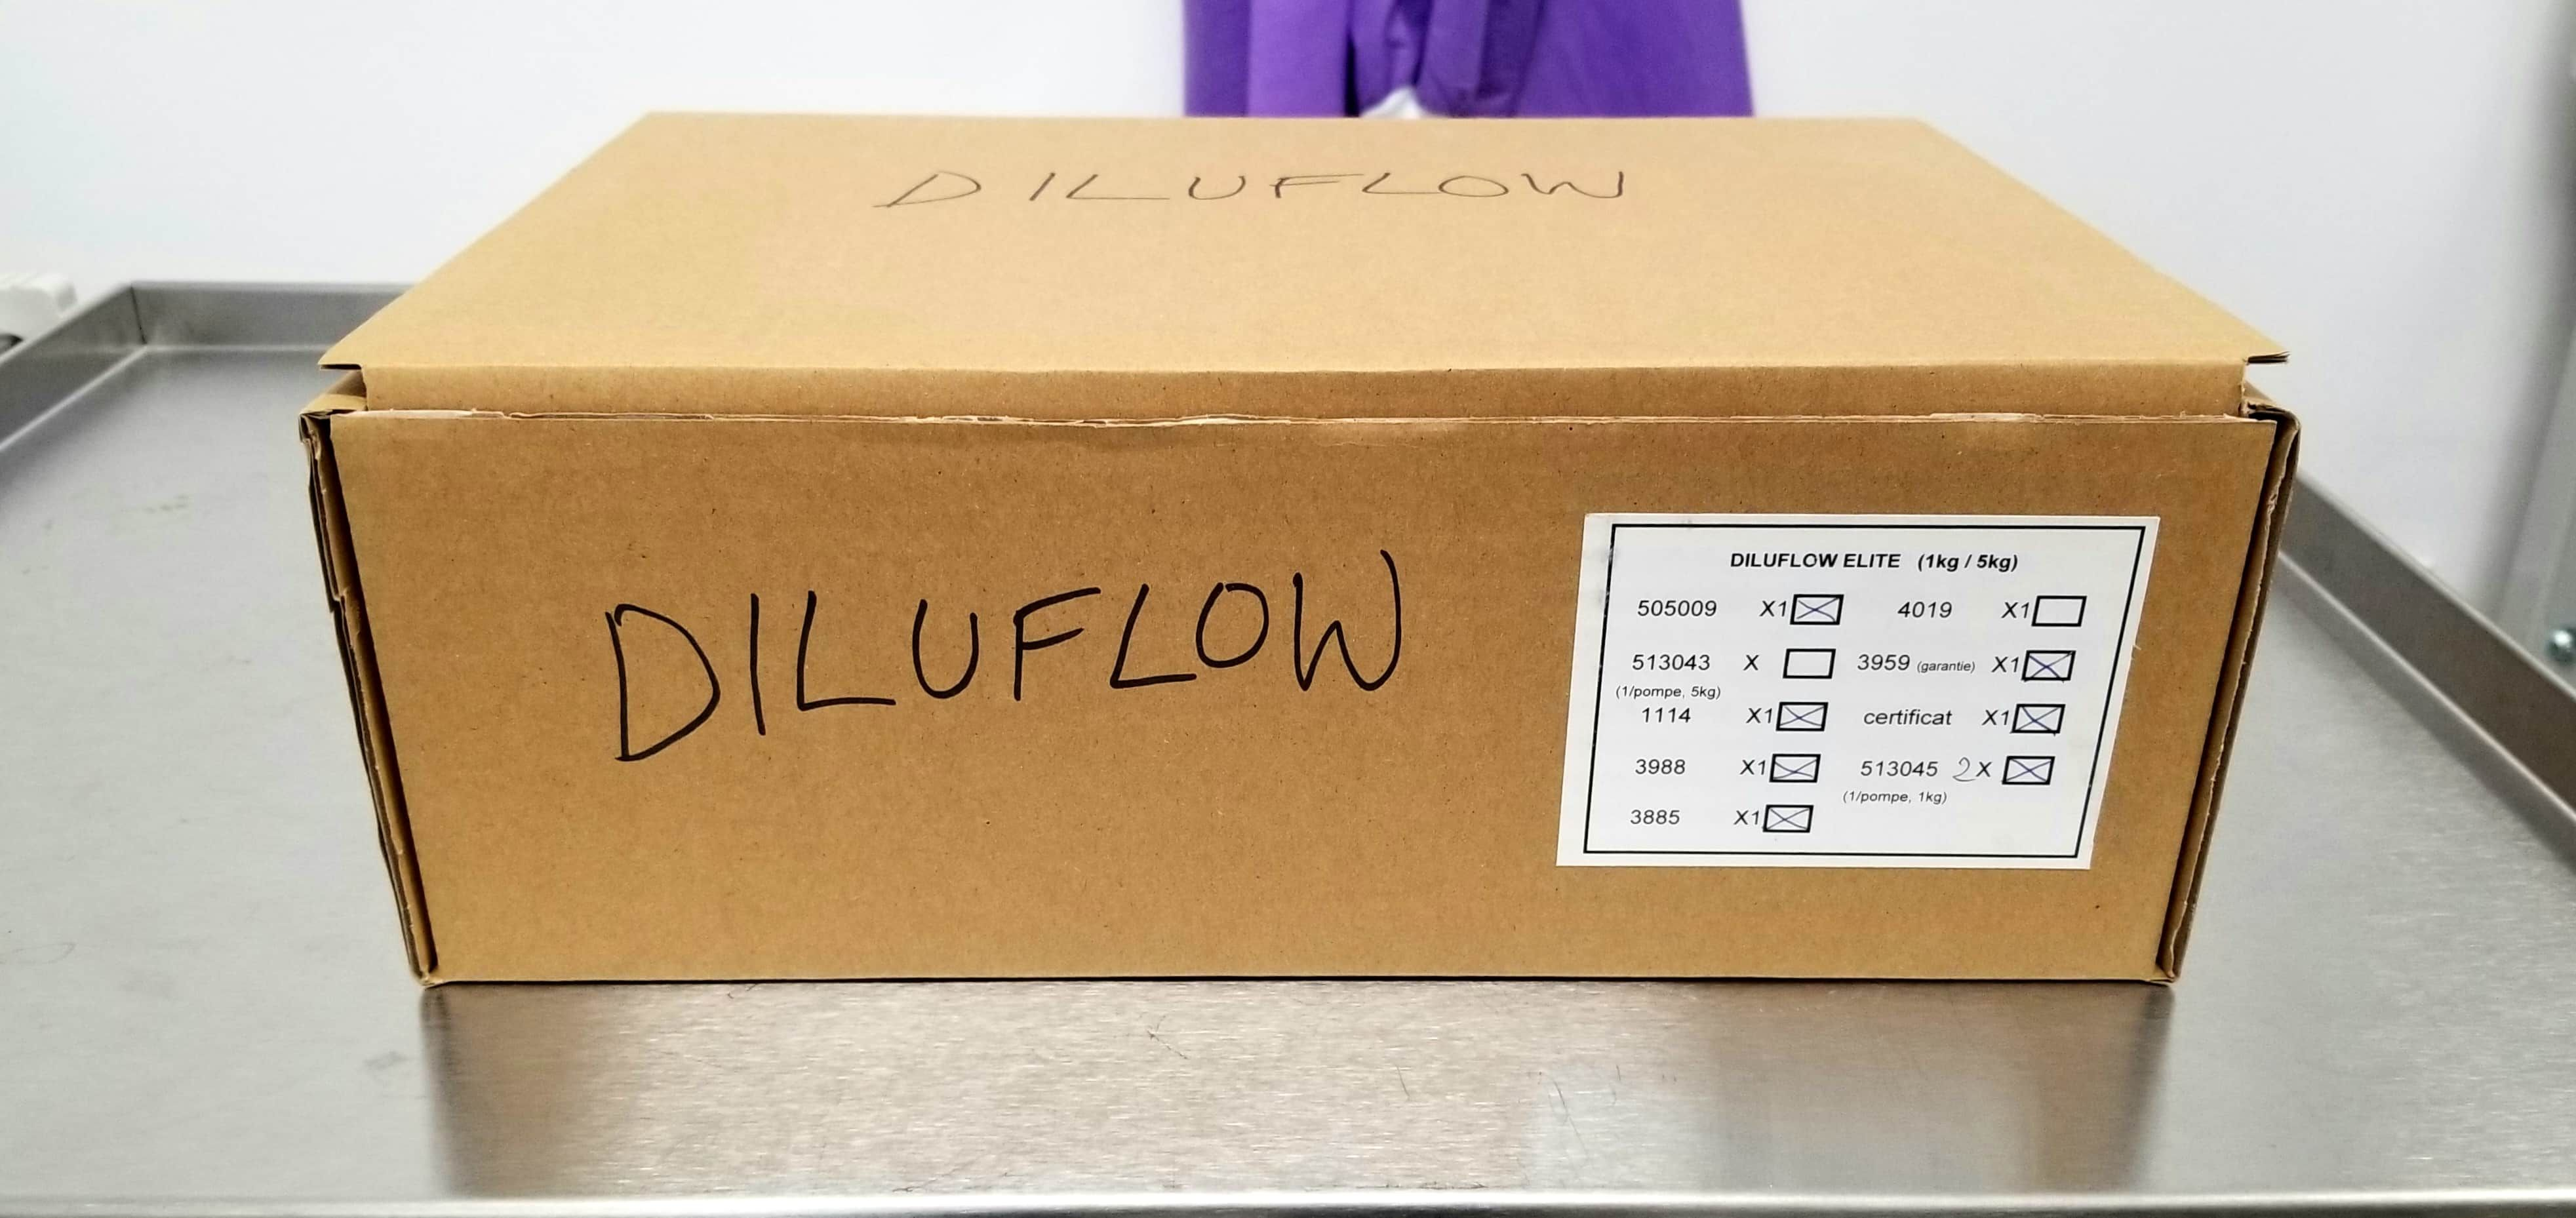 Interscience DiluFlow Elite 1 kg Double Pump Gravimetric Dilutor (503 201)